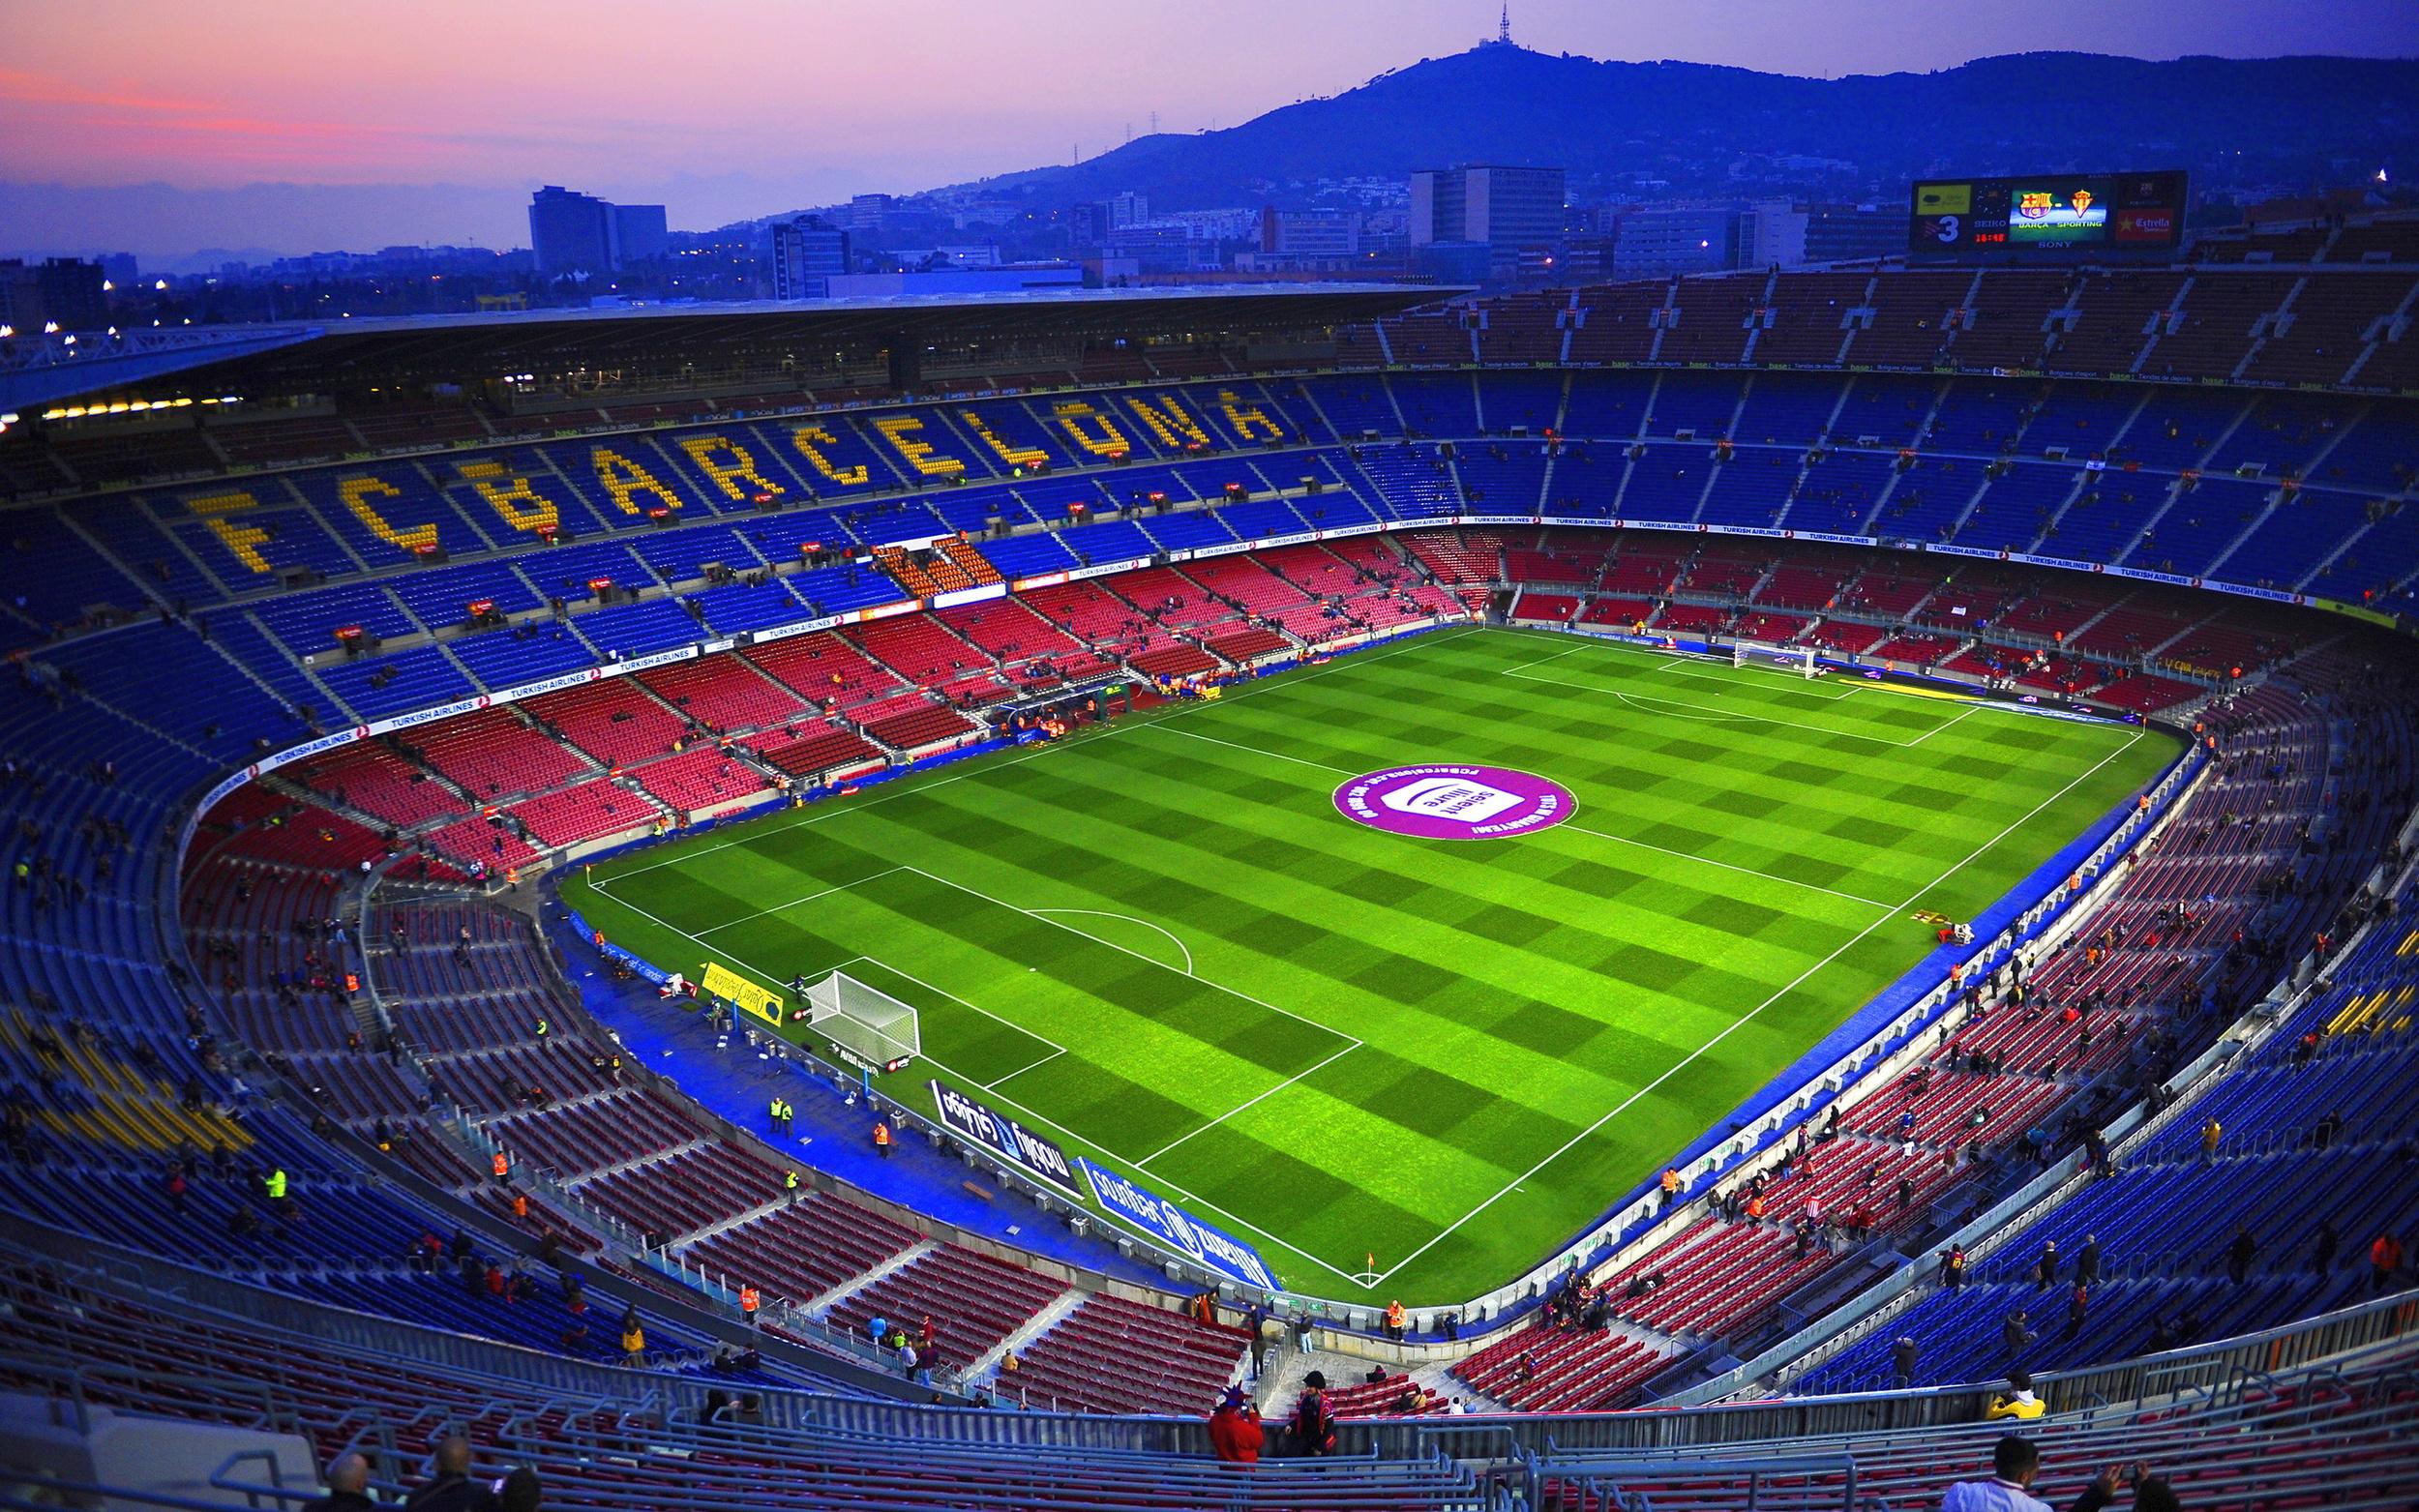 Tour of Camp Nou - $50